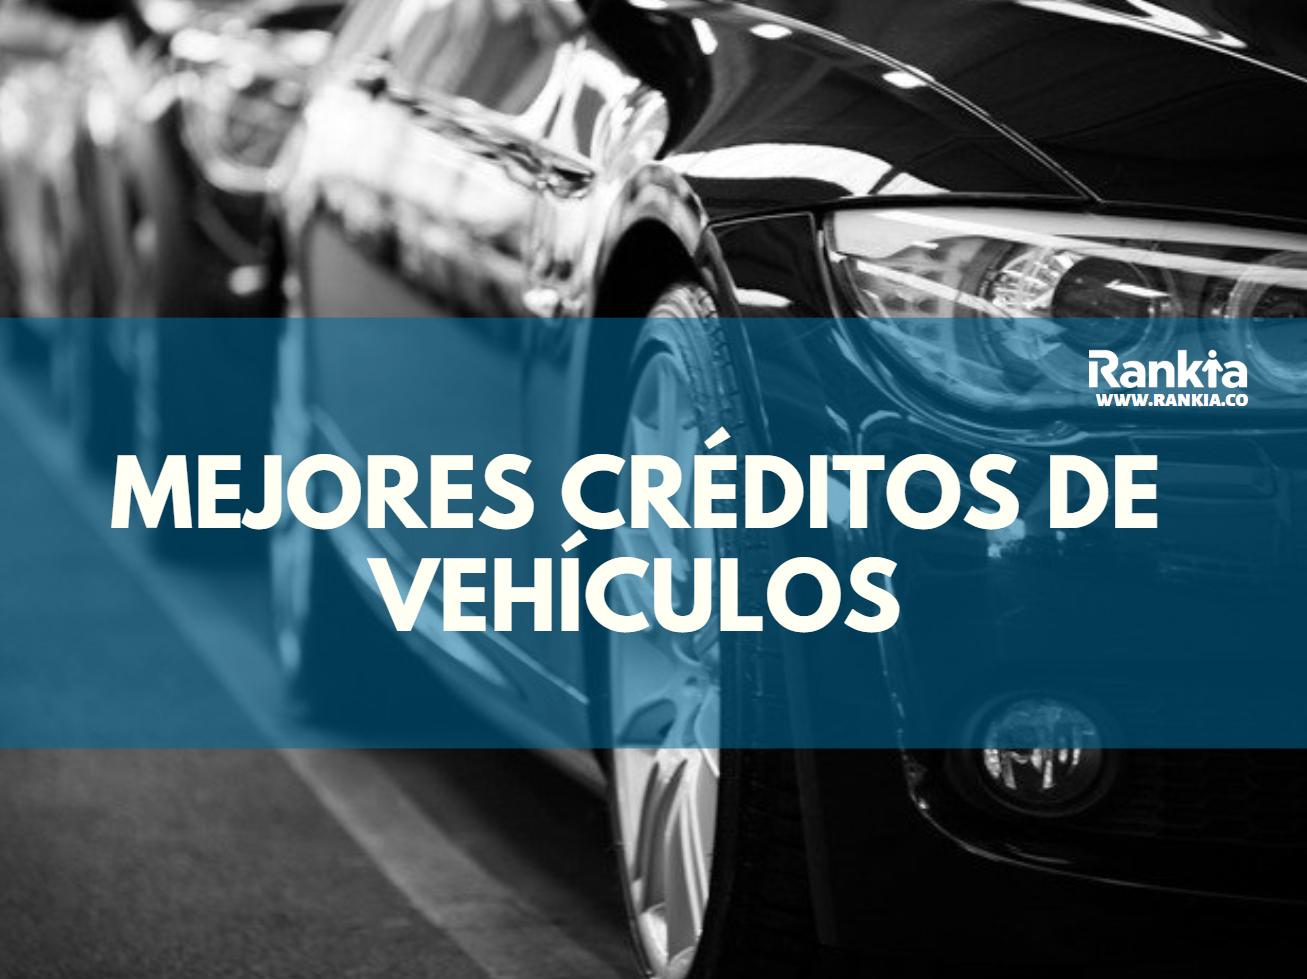 Mejores Créditos de Vehículo 2020